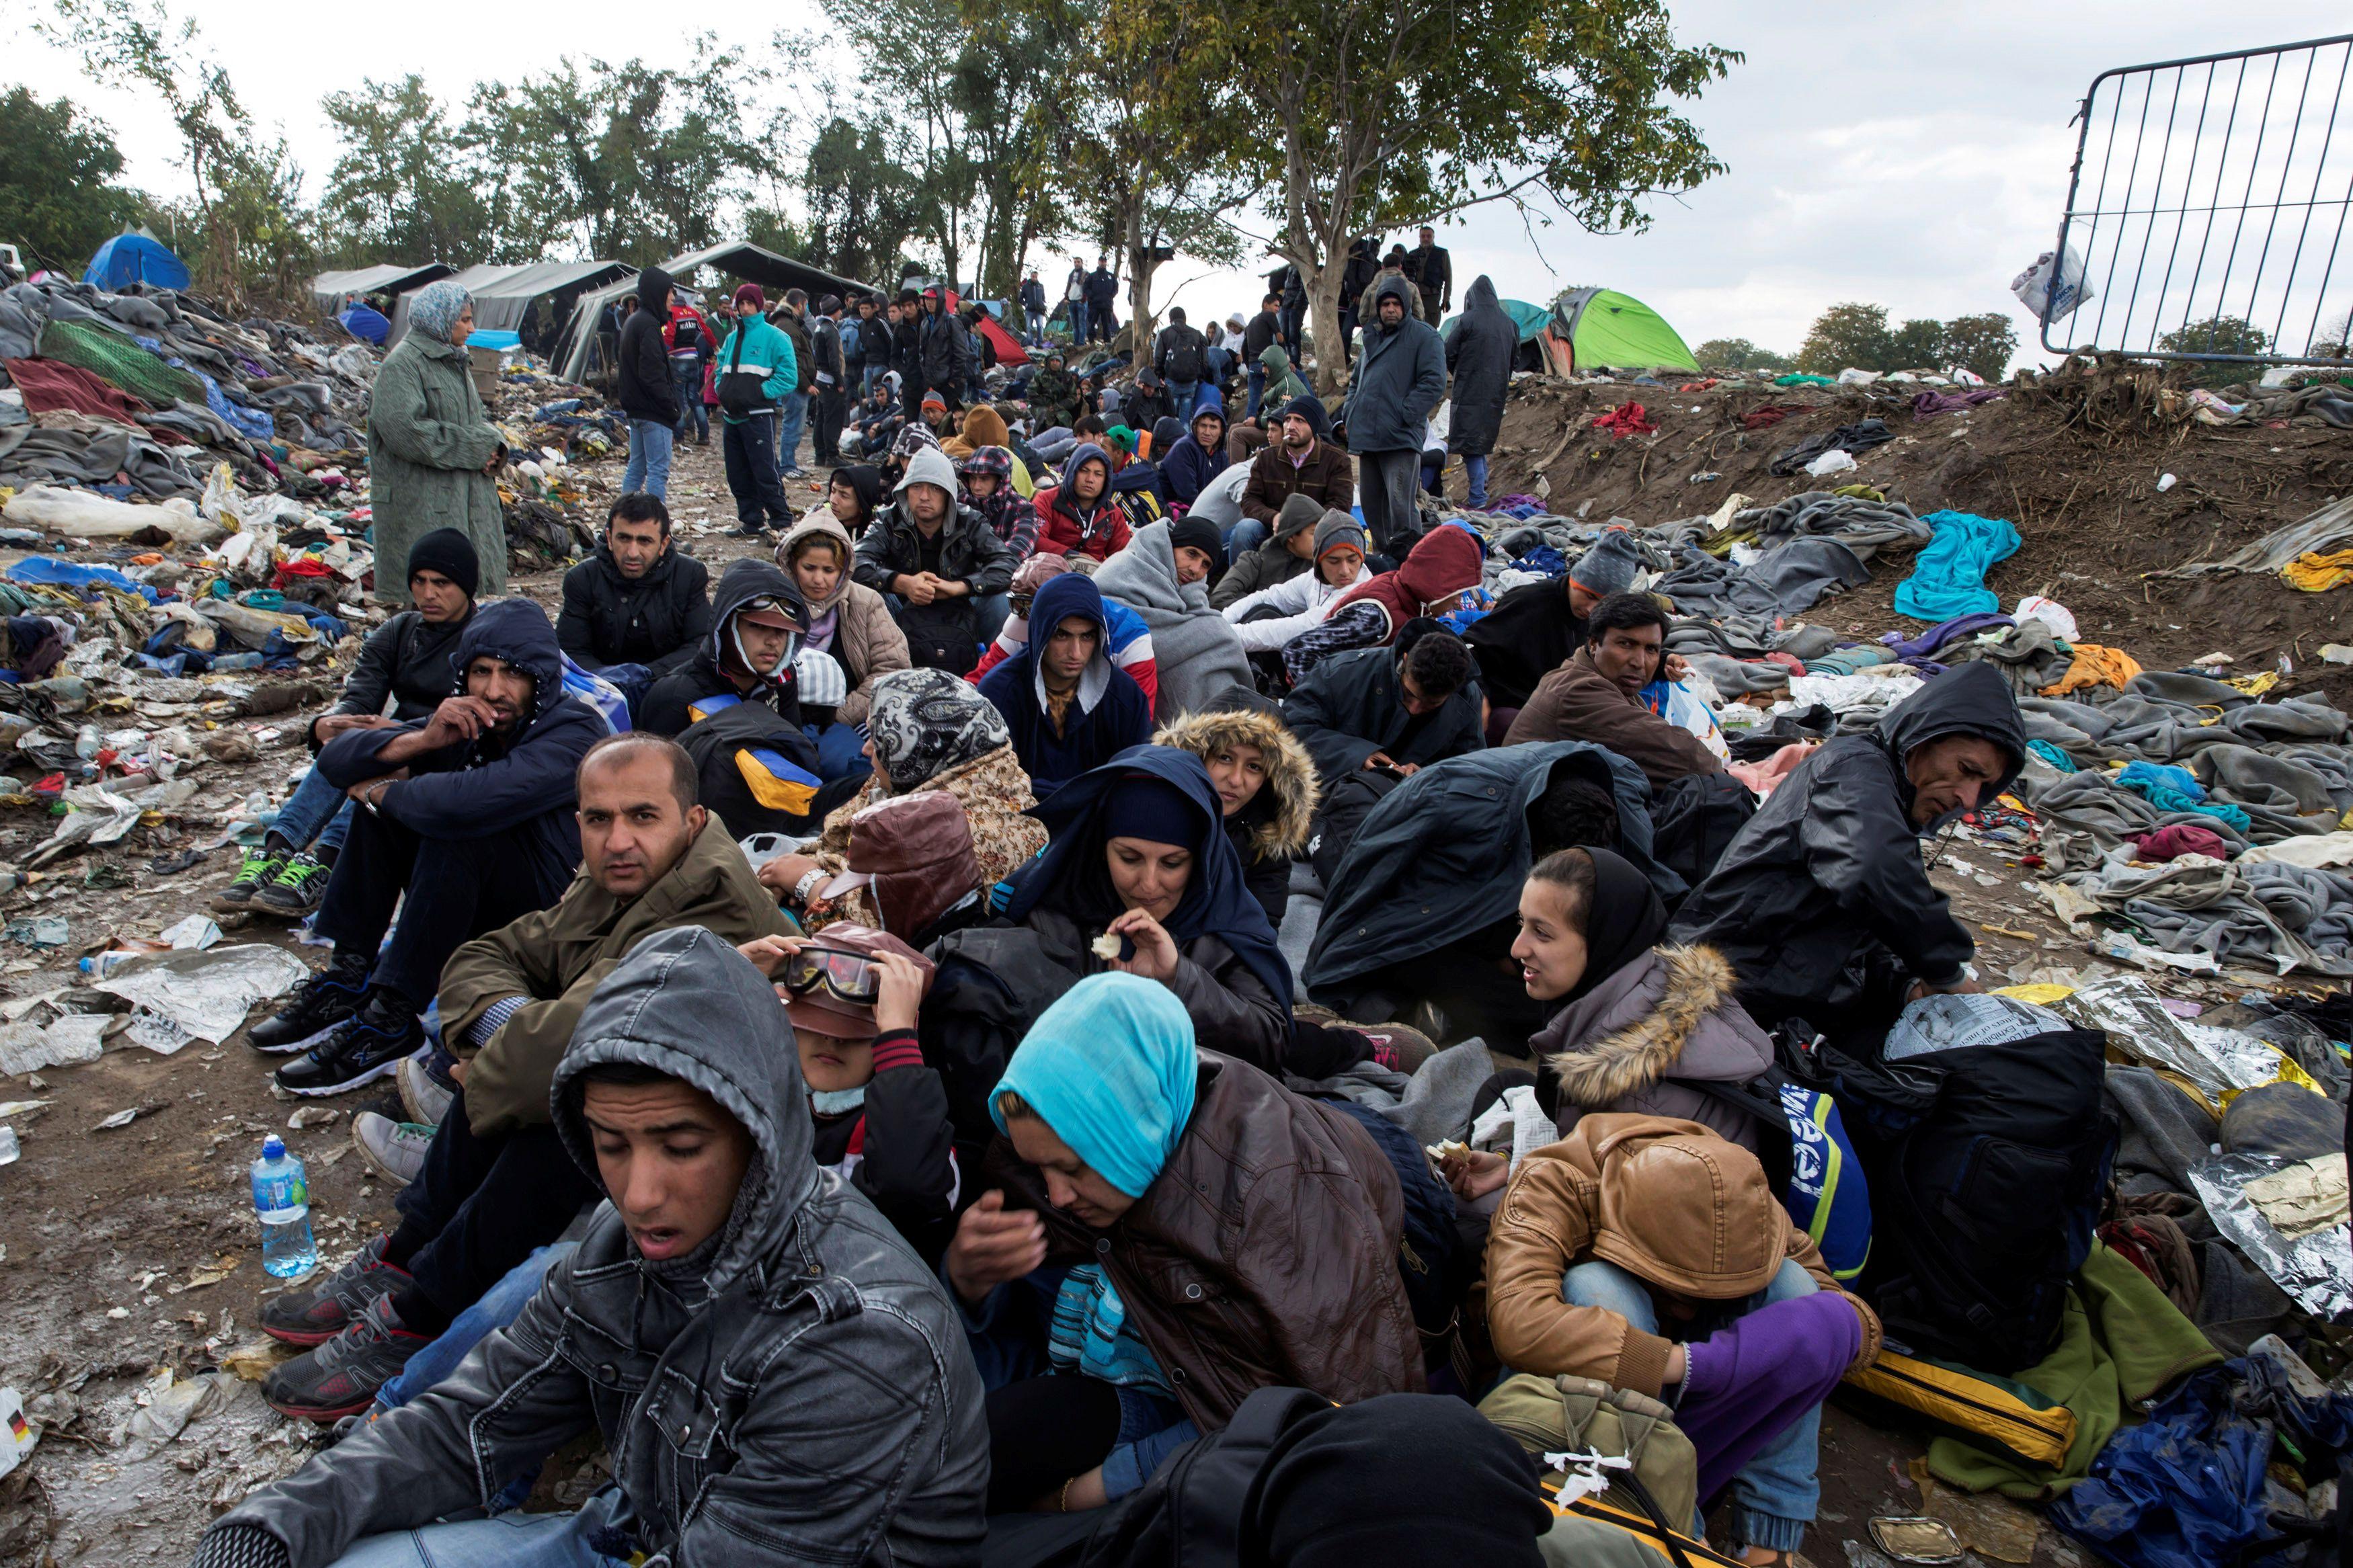 Non, la Russie et la Syrie ne projettent pas d'orchestrer une vague d'attaques sexuelles par des migrants pour déstabiliser l'Europe occidentale